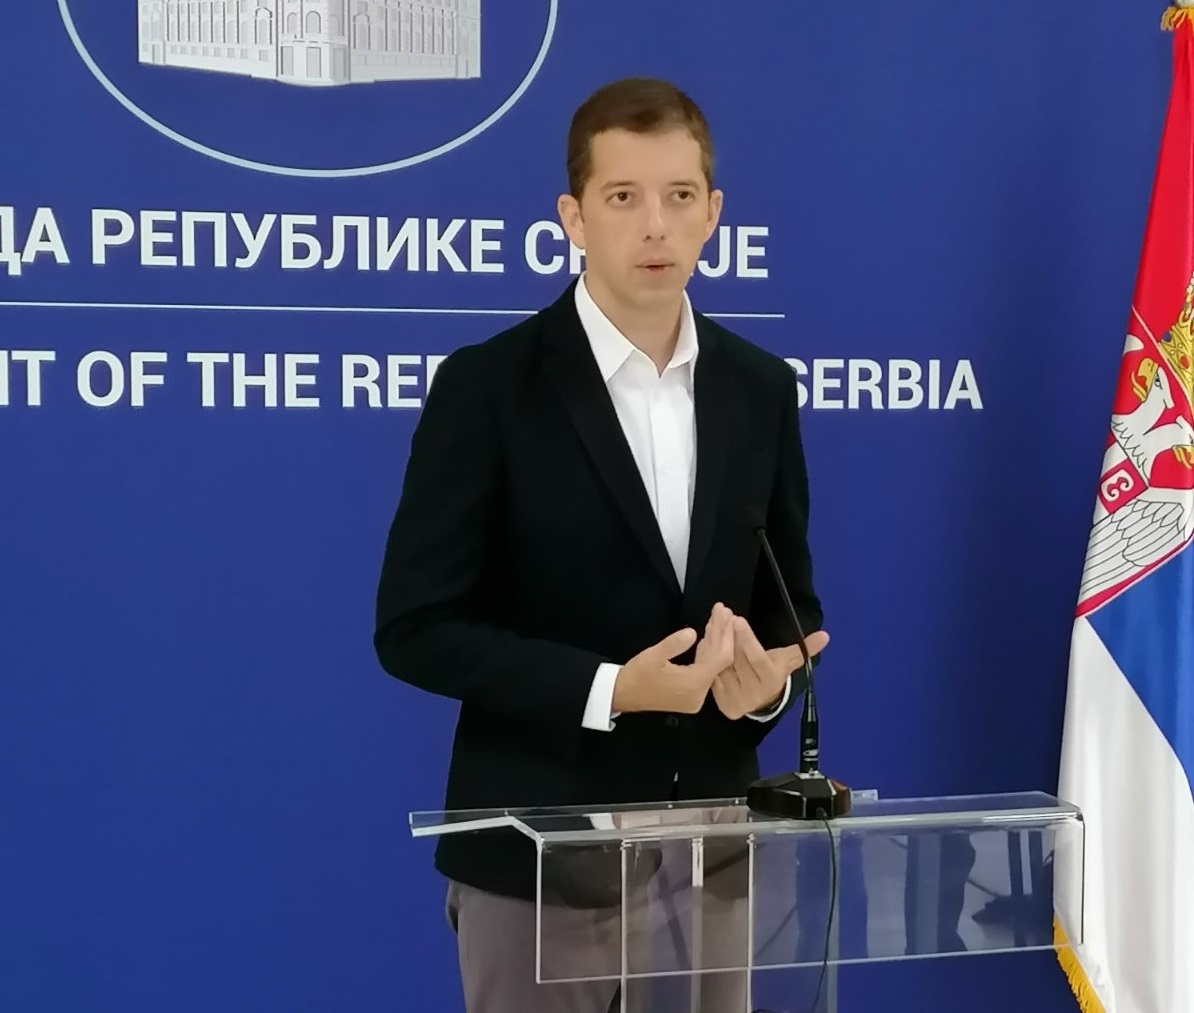 Đurić: Biće mnogo novih lica u vladi,sutra i o partnerima